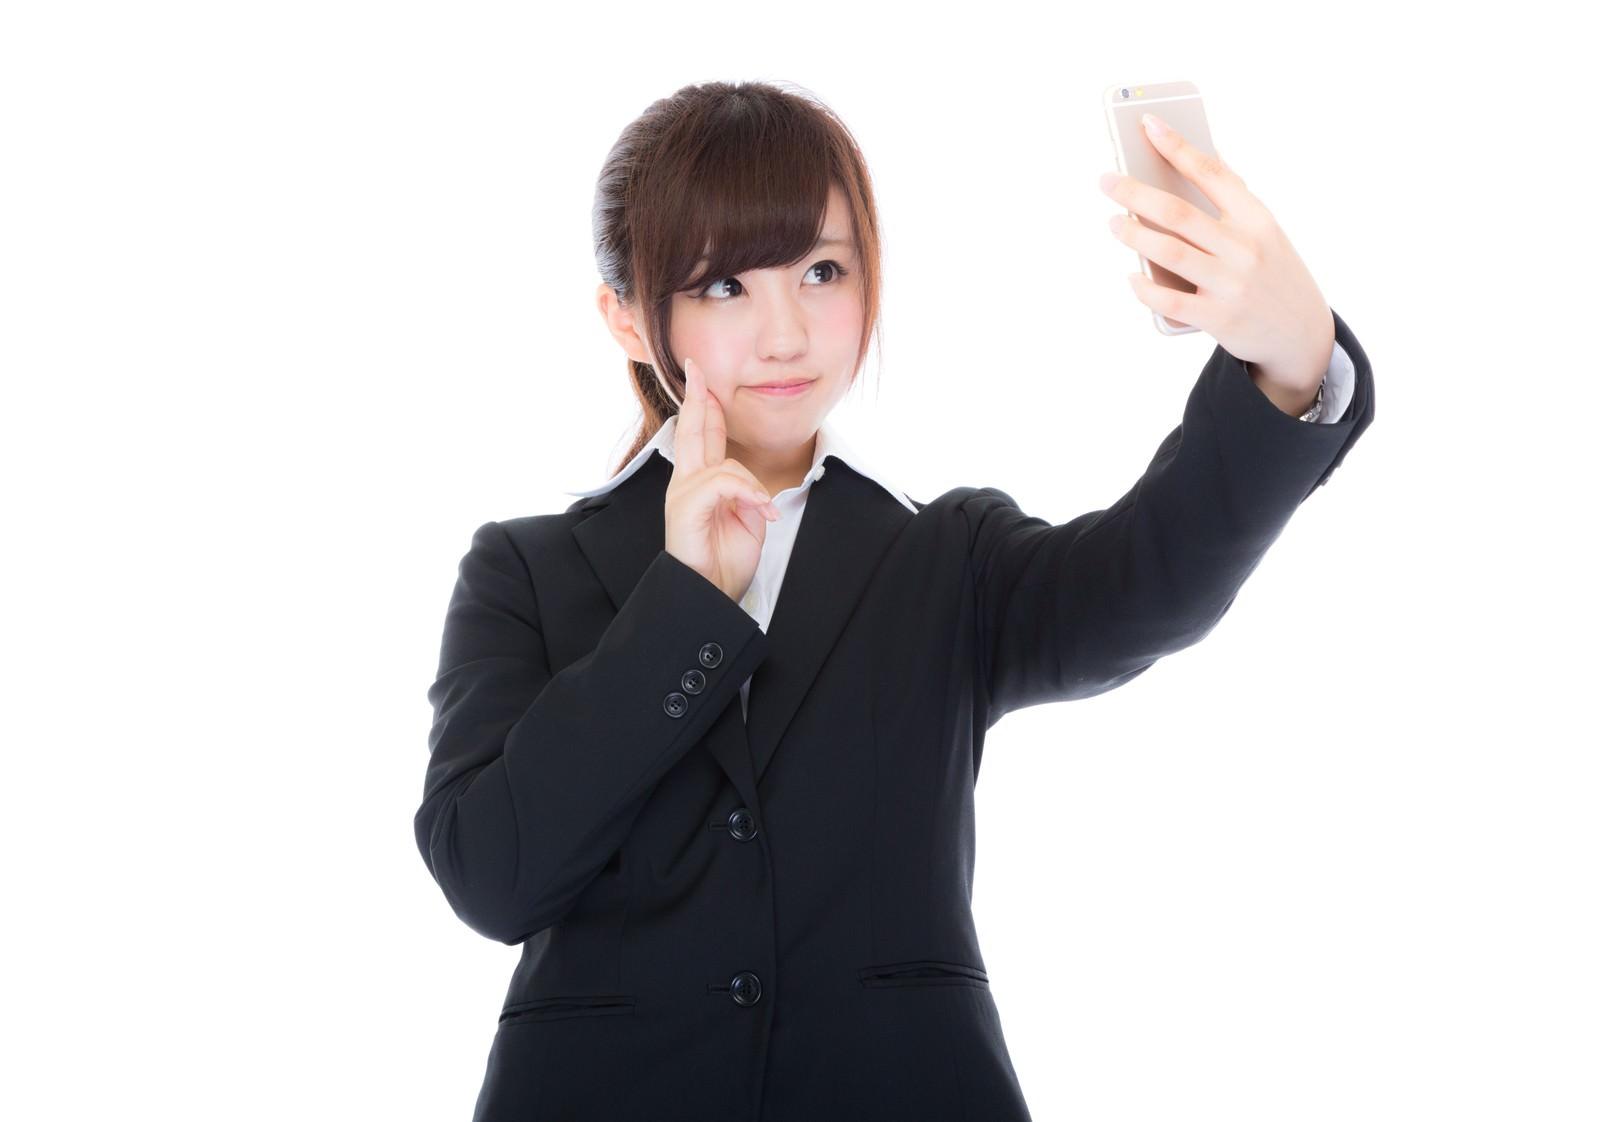 自撮りをする女性の新入社員|ぱくたそフリー素材